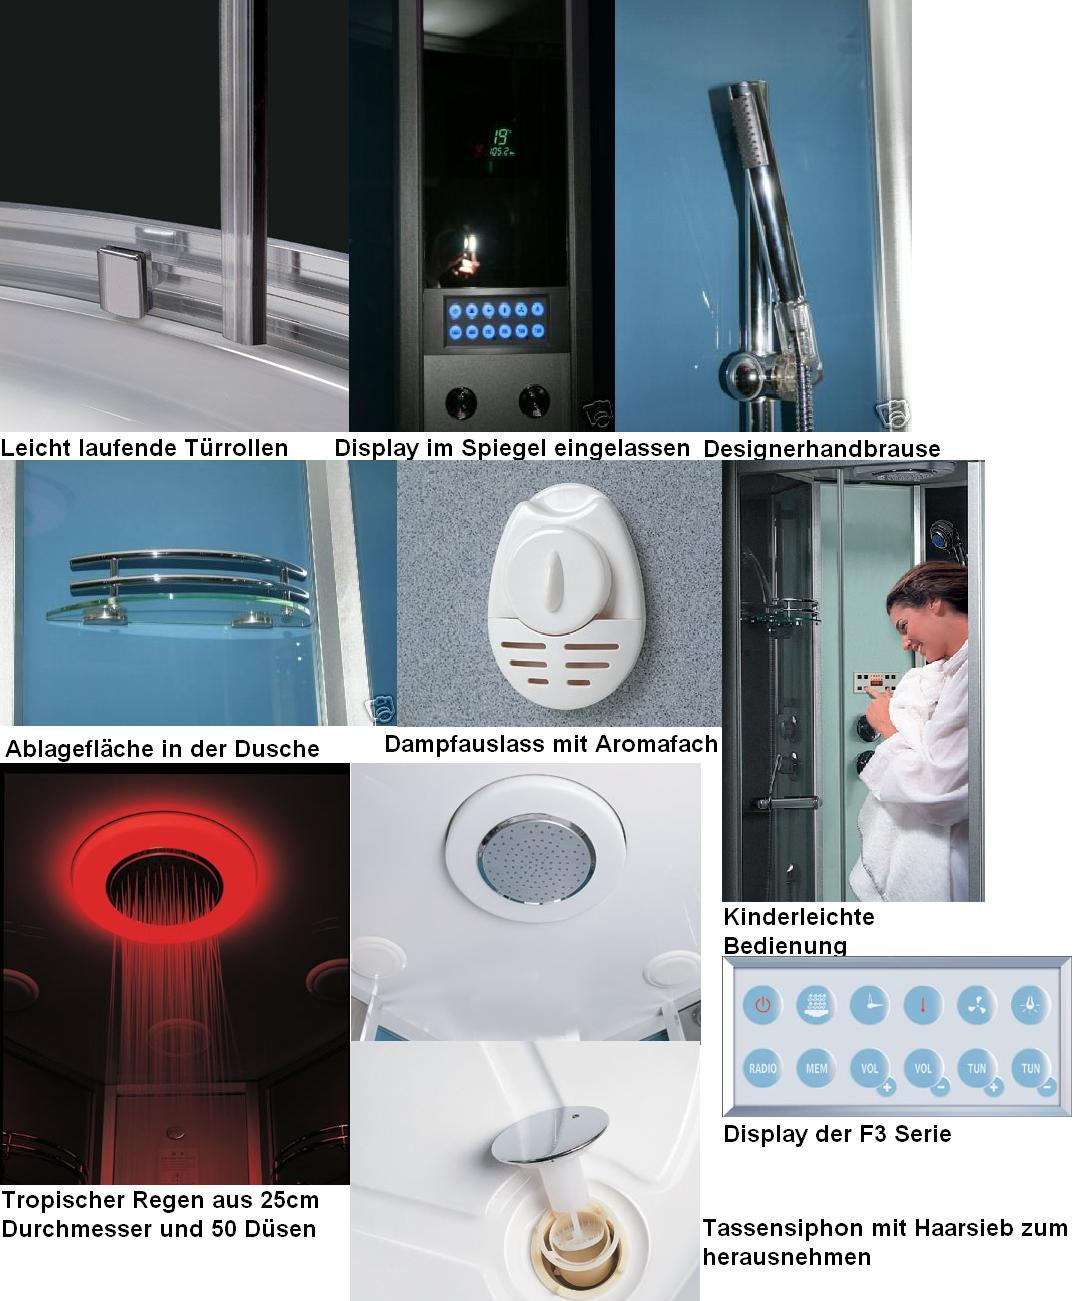 dusche thermostat aufbau